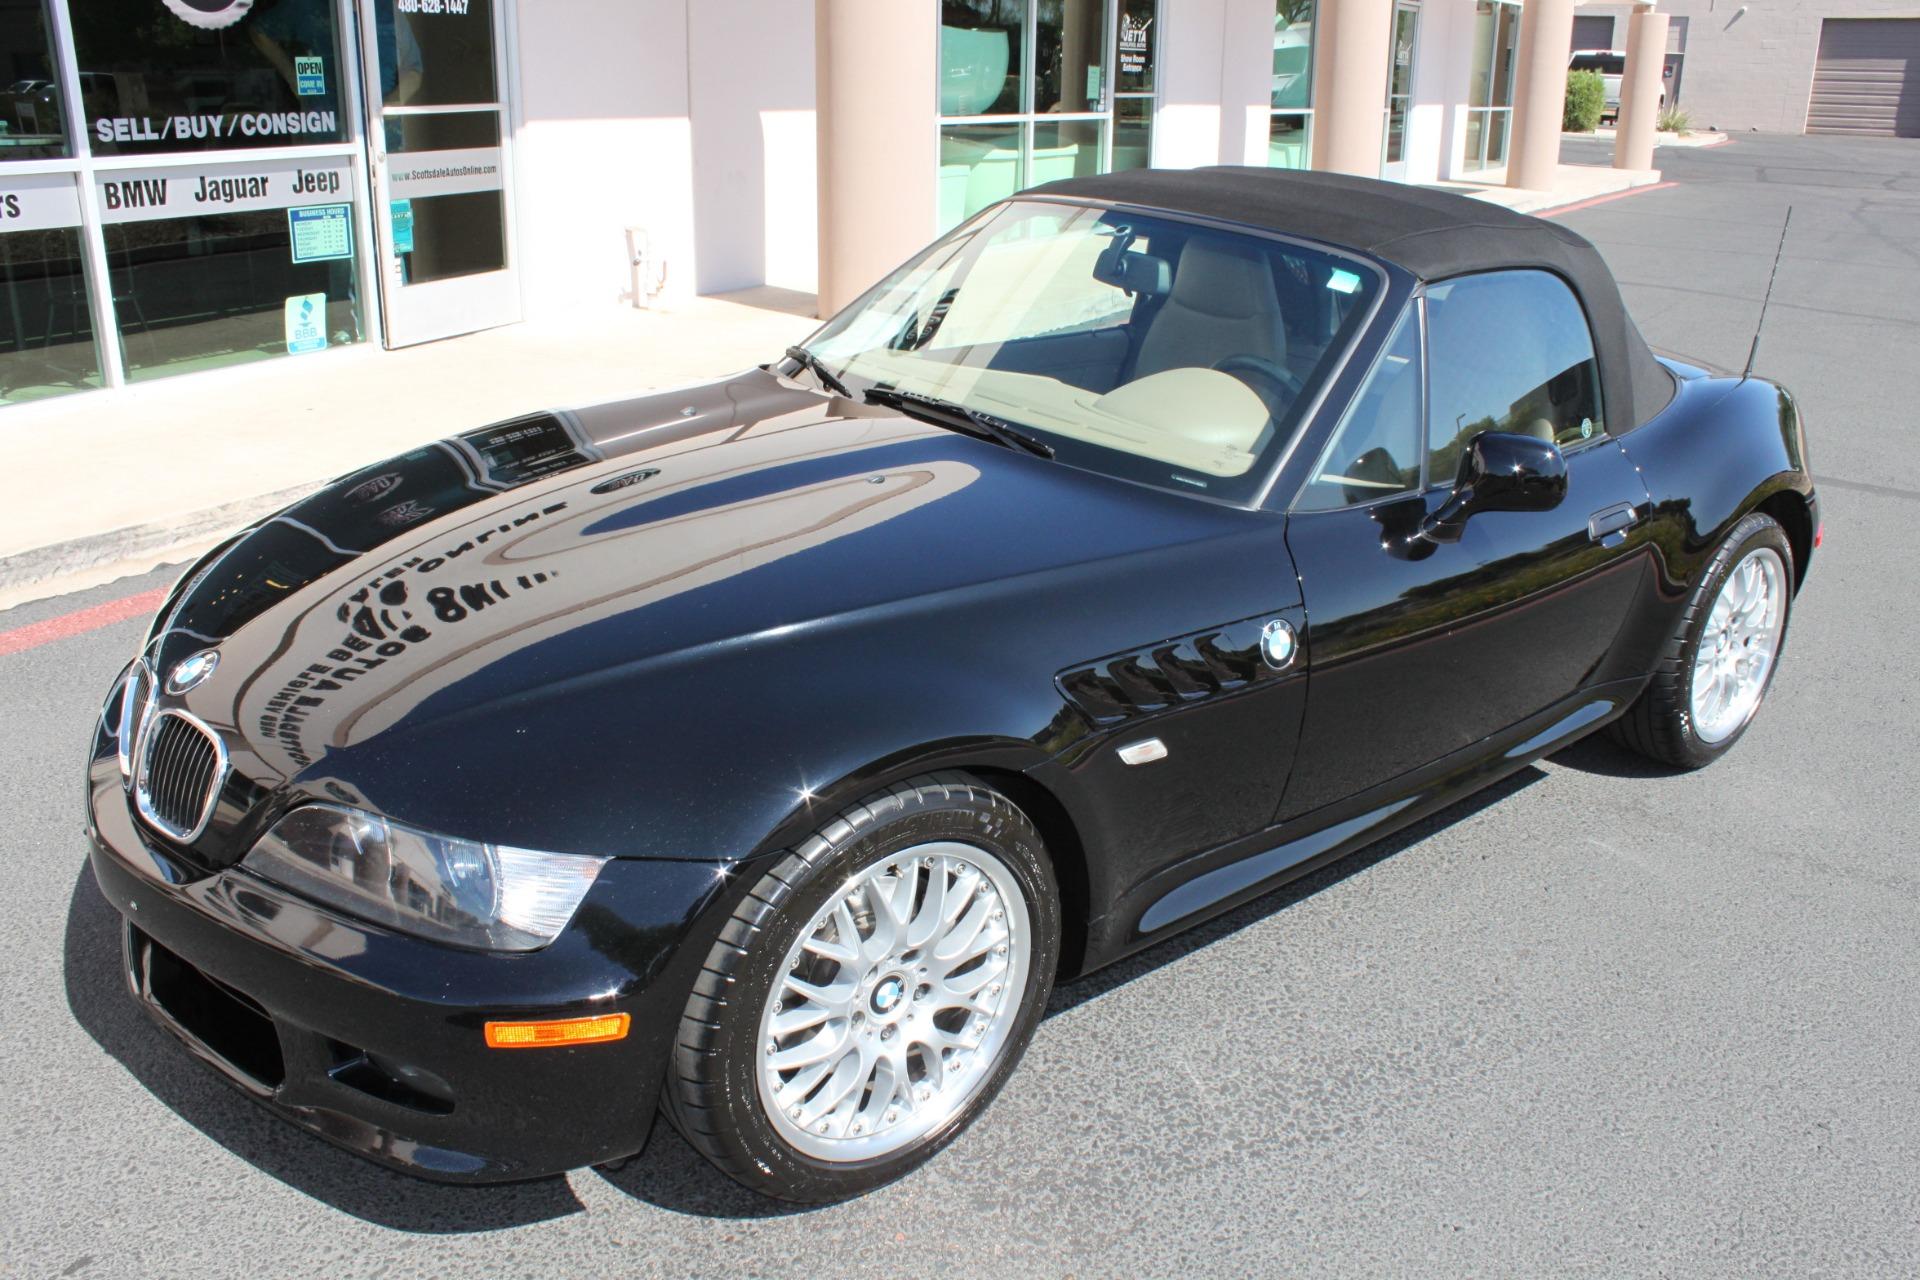 Used-2001-BMW-Z3-Roadster-30i-New-BMW-IL